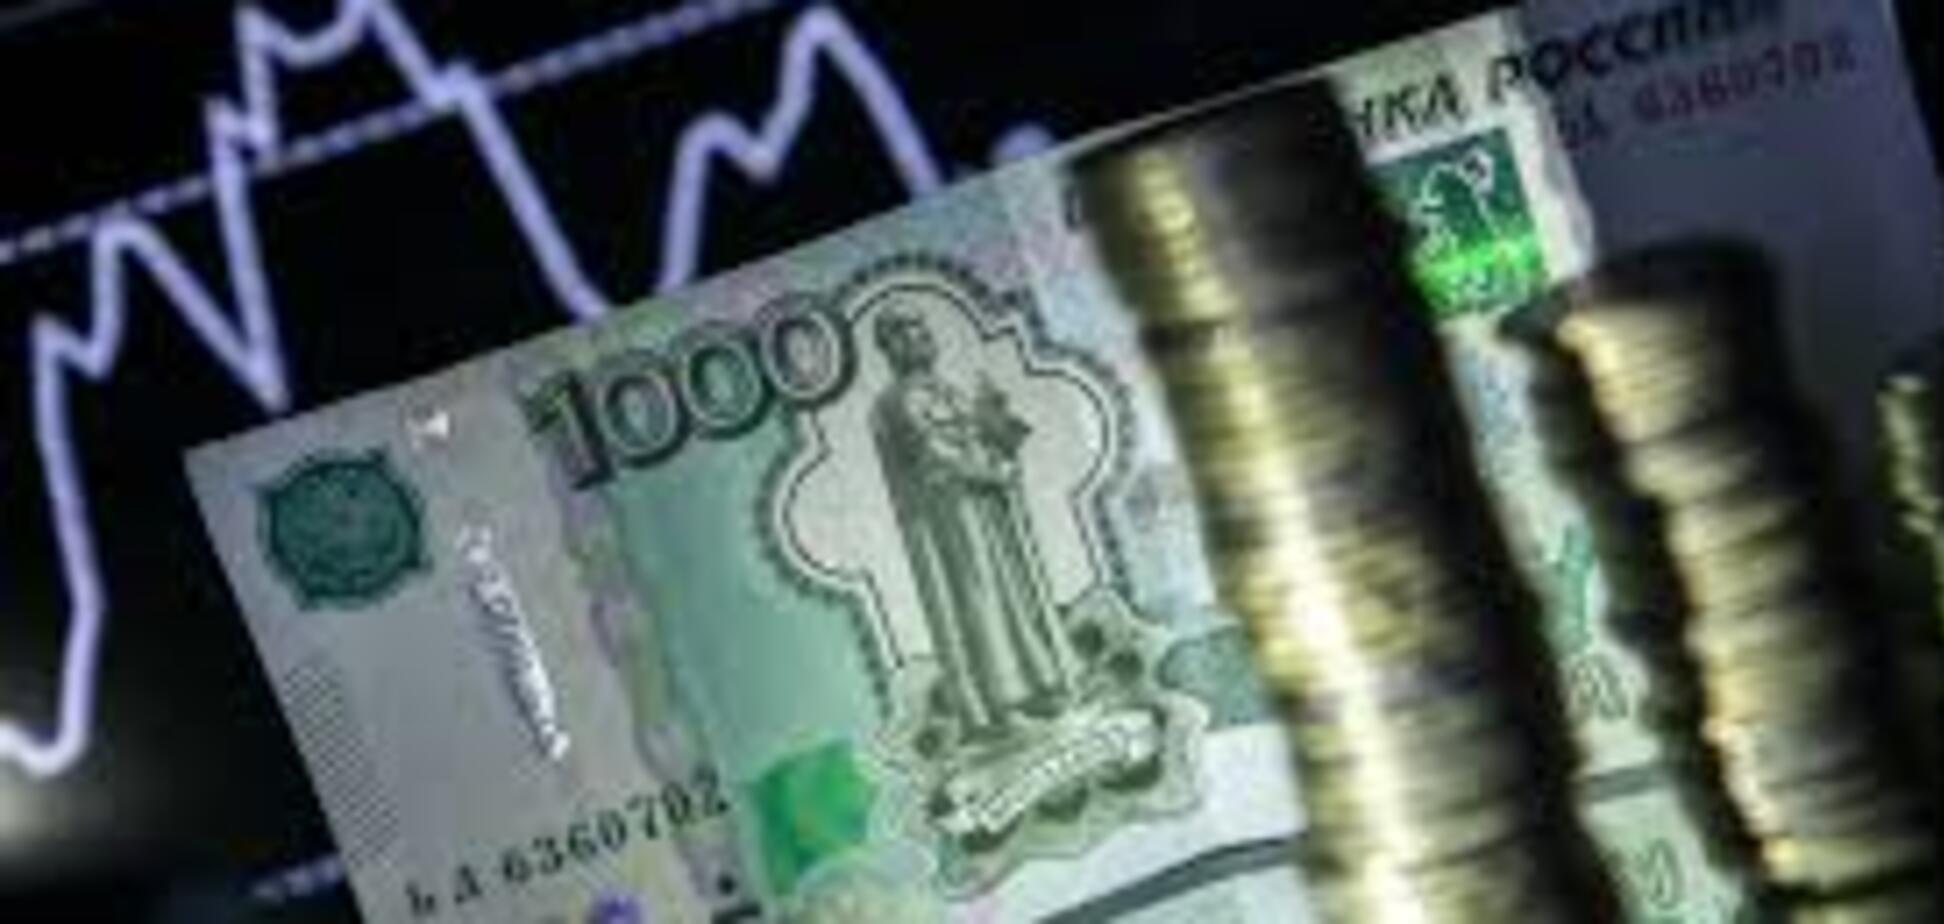 Реальная угроза экономике России остается незамеченной